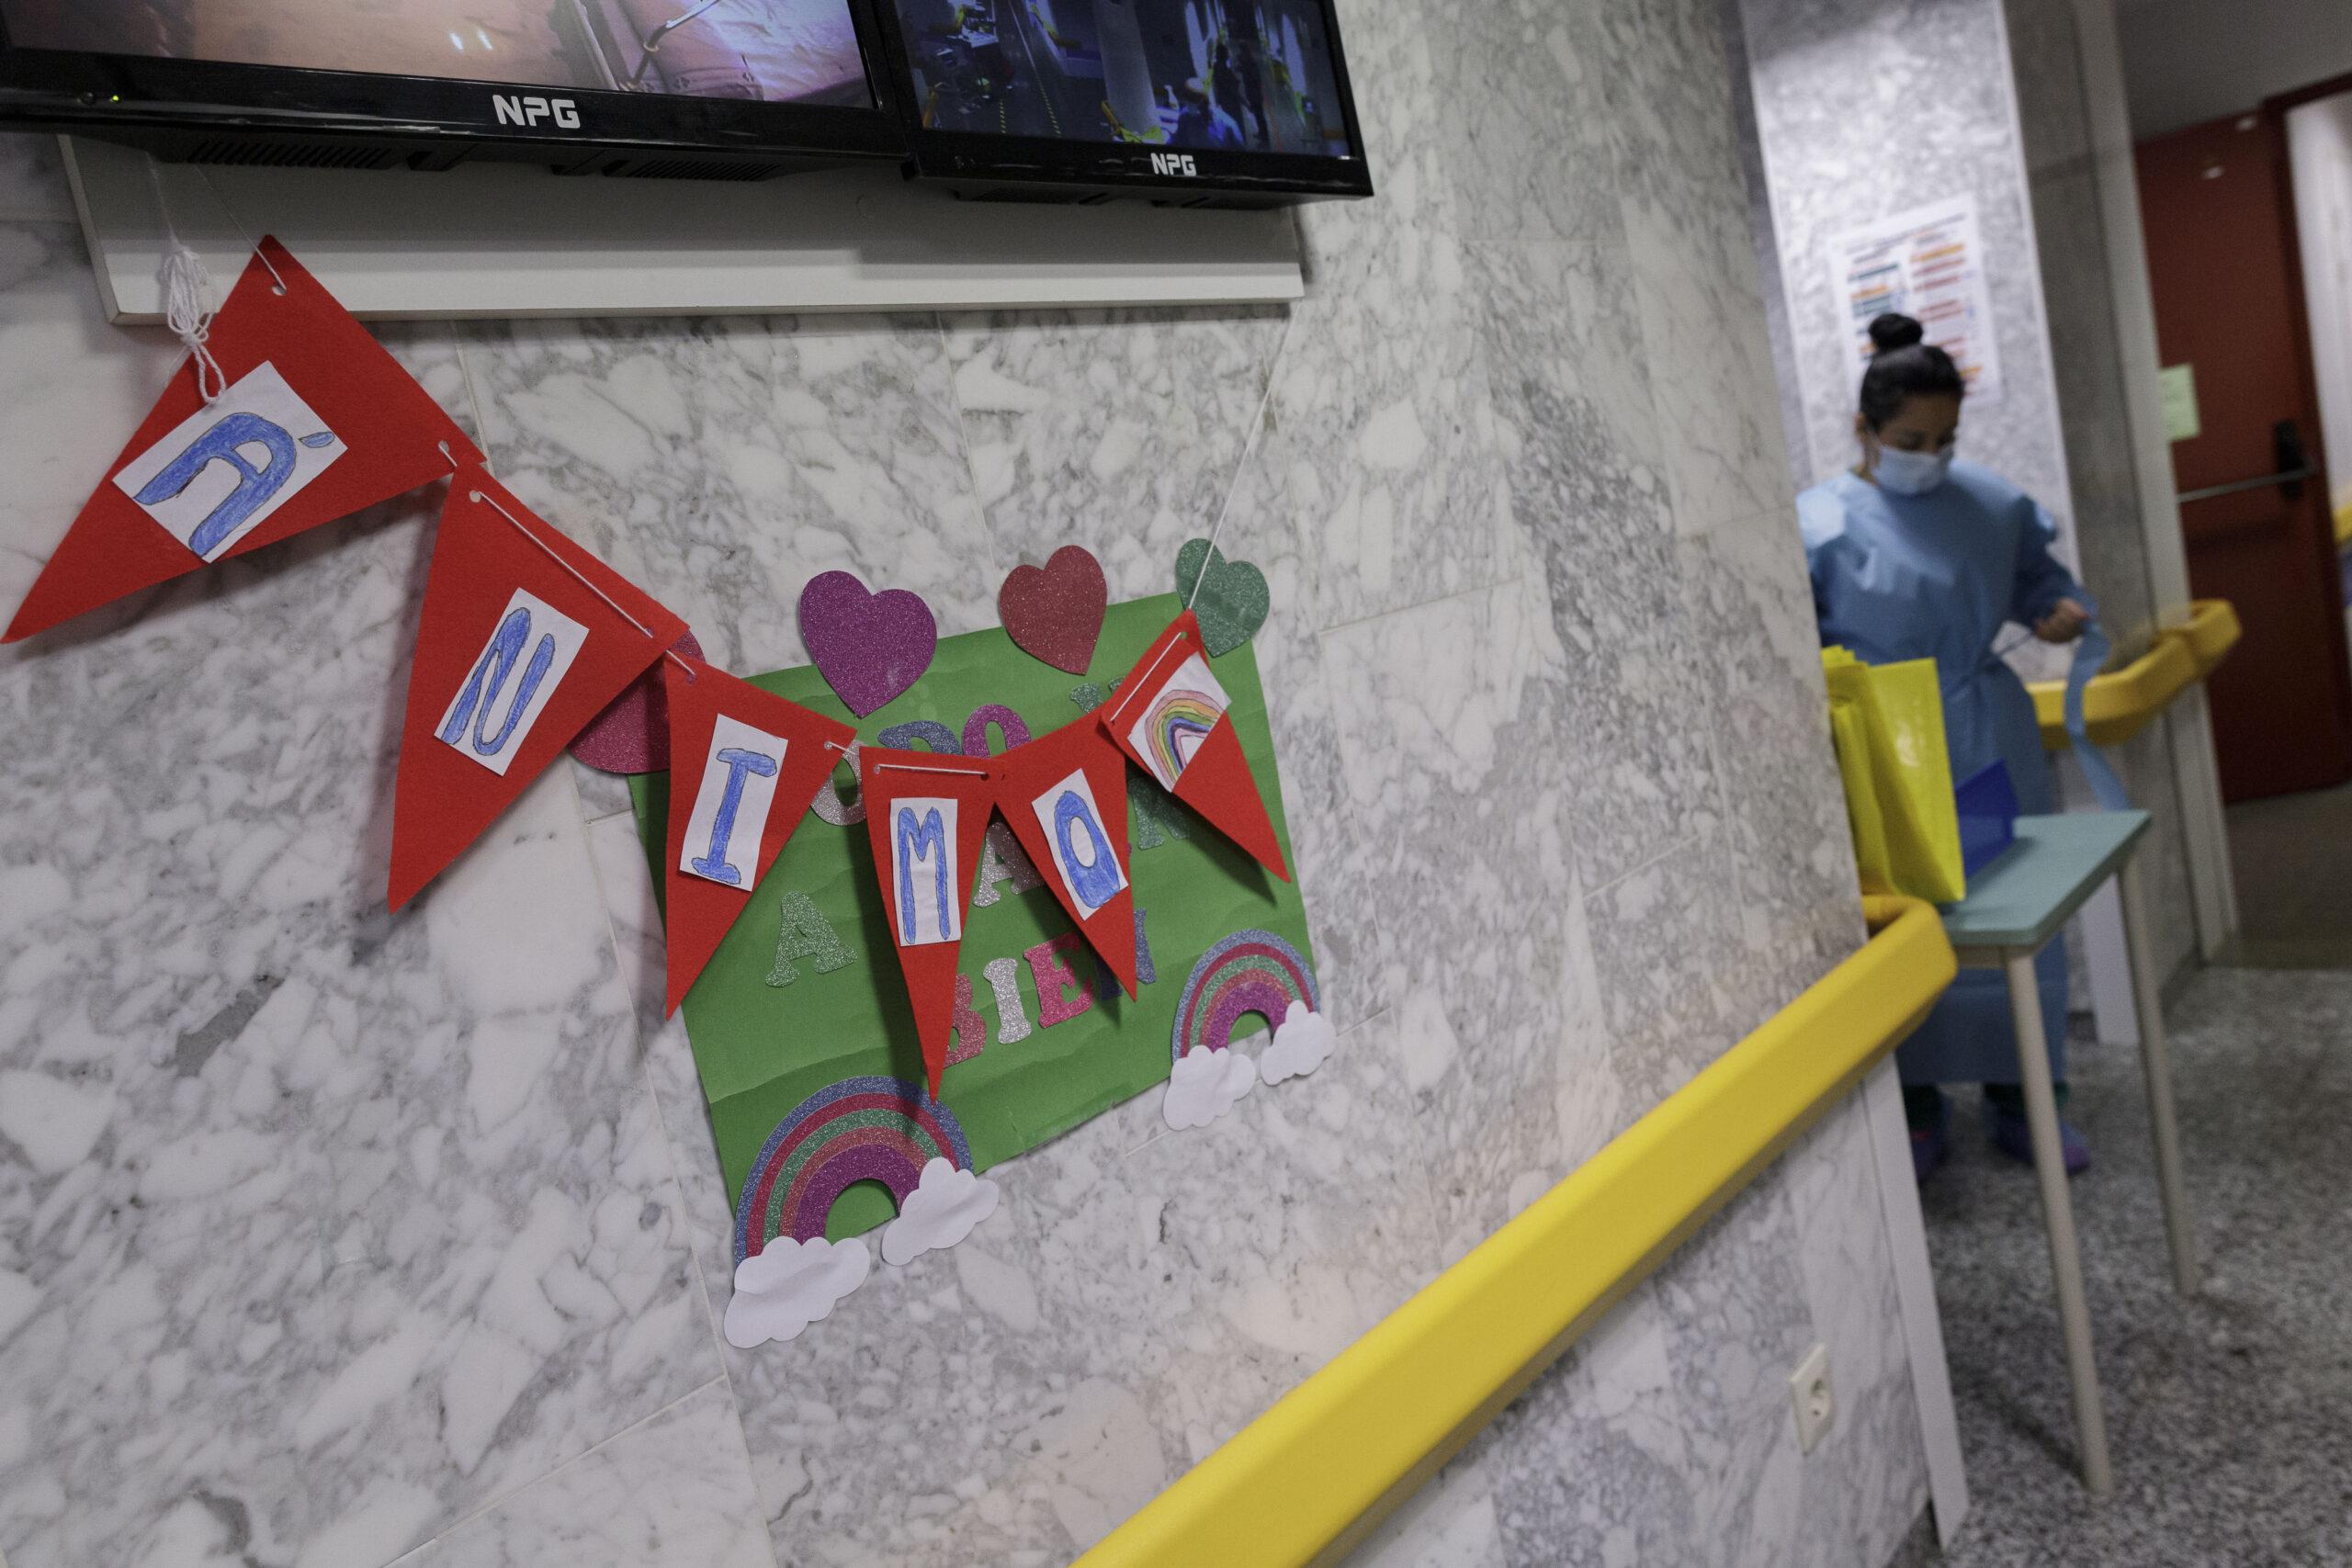 Mención de Honor. Categoría: Sociedad (Serie). Una enfermera se protege con un traje EPI en una planta con enfermos de Covid-19 en el Hospital Universitario Nuestra Señora de Candelaria. Ramón de la Rocha